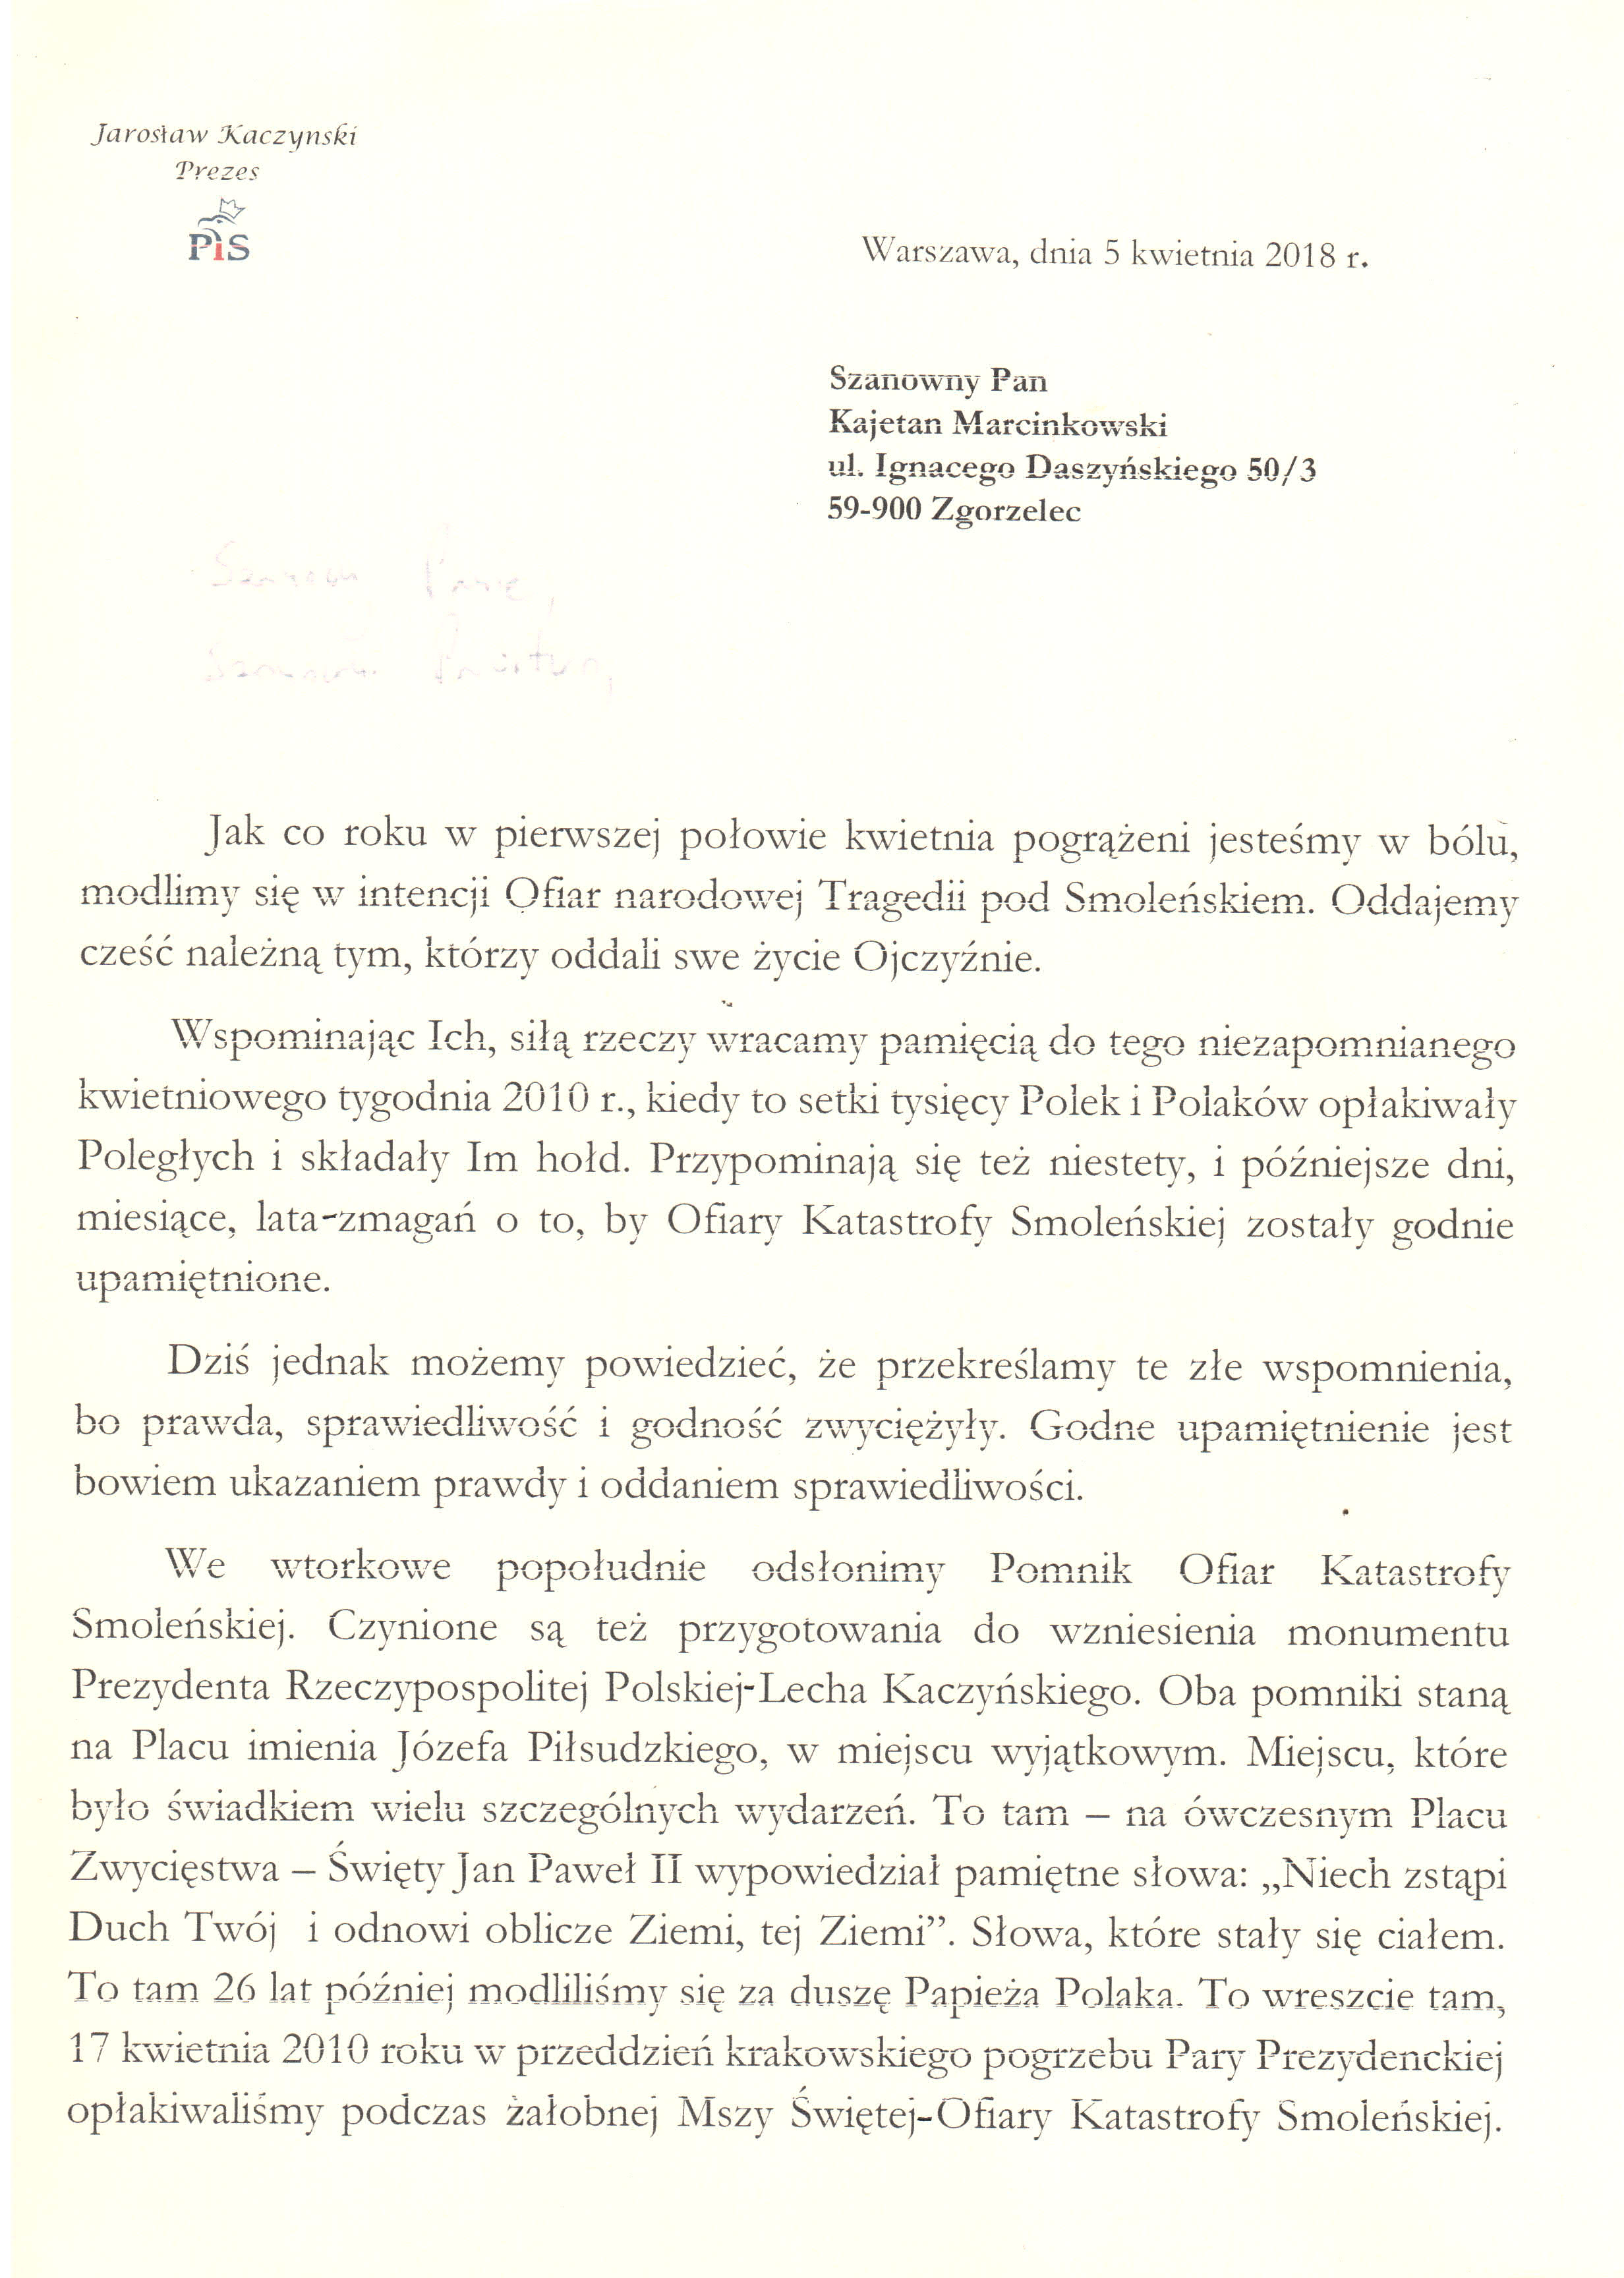 Zgorzelec Lis Kaczynski 5 kwietnia 2018 (1)